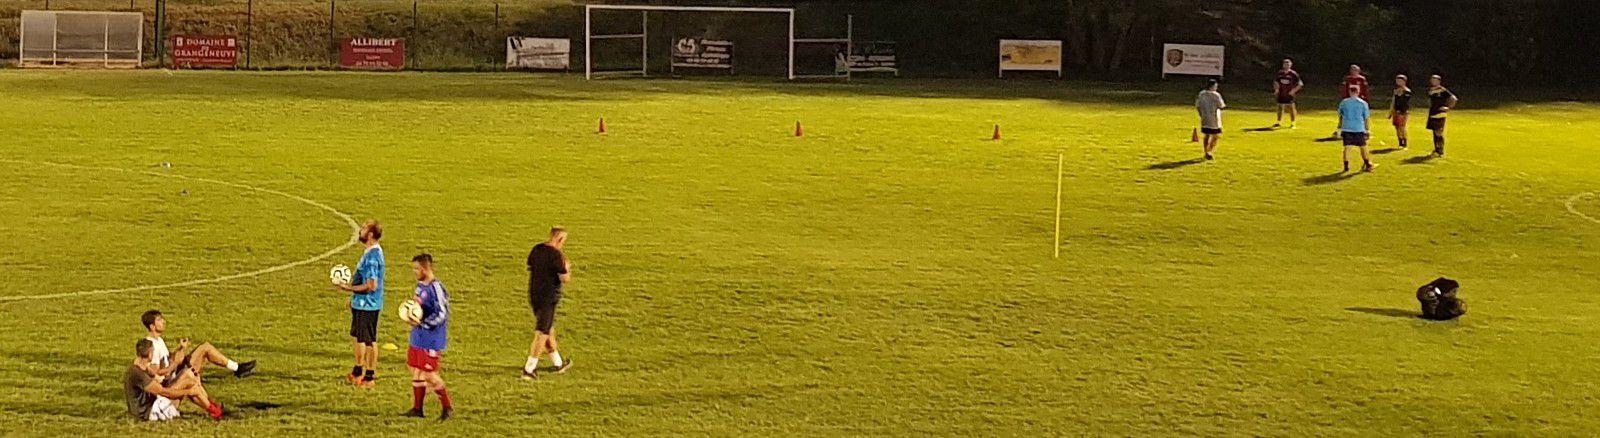 entraînement du 11 septembre et première prise de balle pour Anthony CORRECHER à l'ASRGG, exercices avec le ballon le 15 septembre 2020